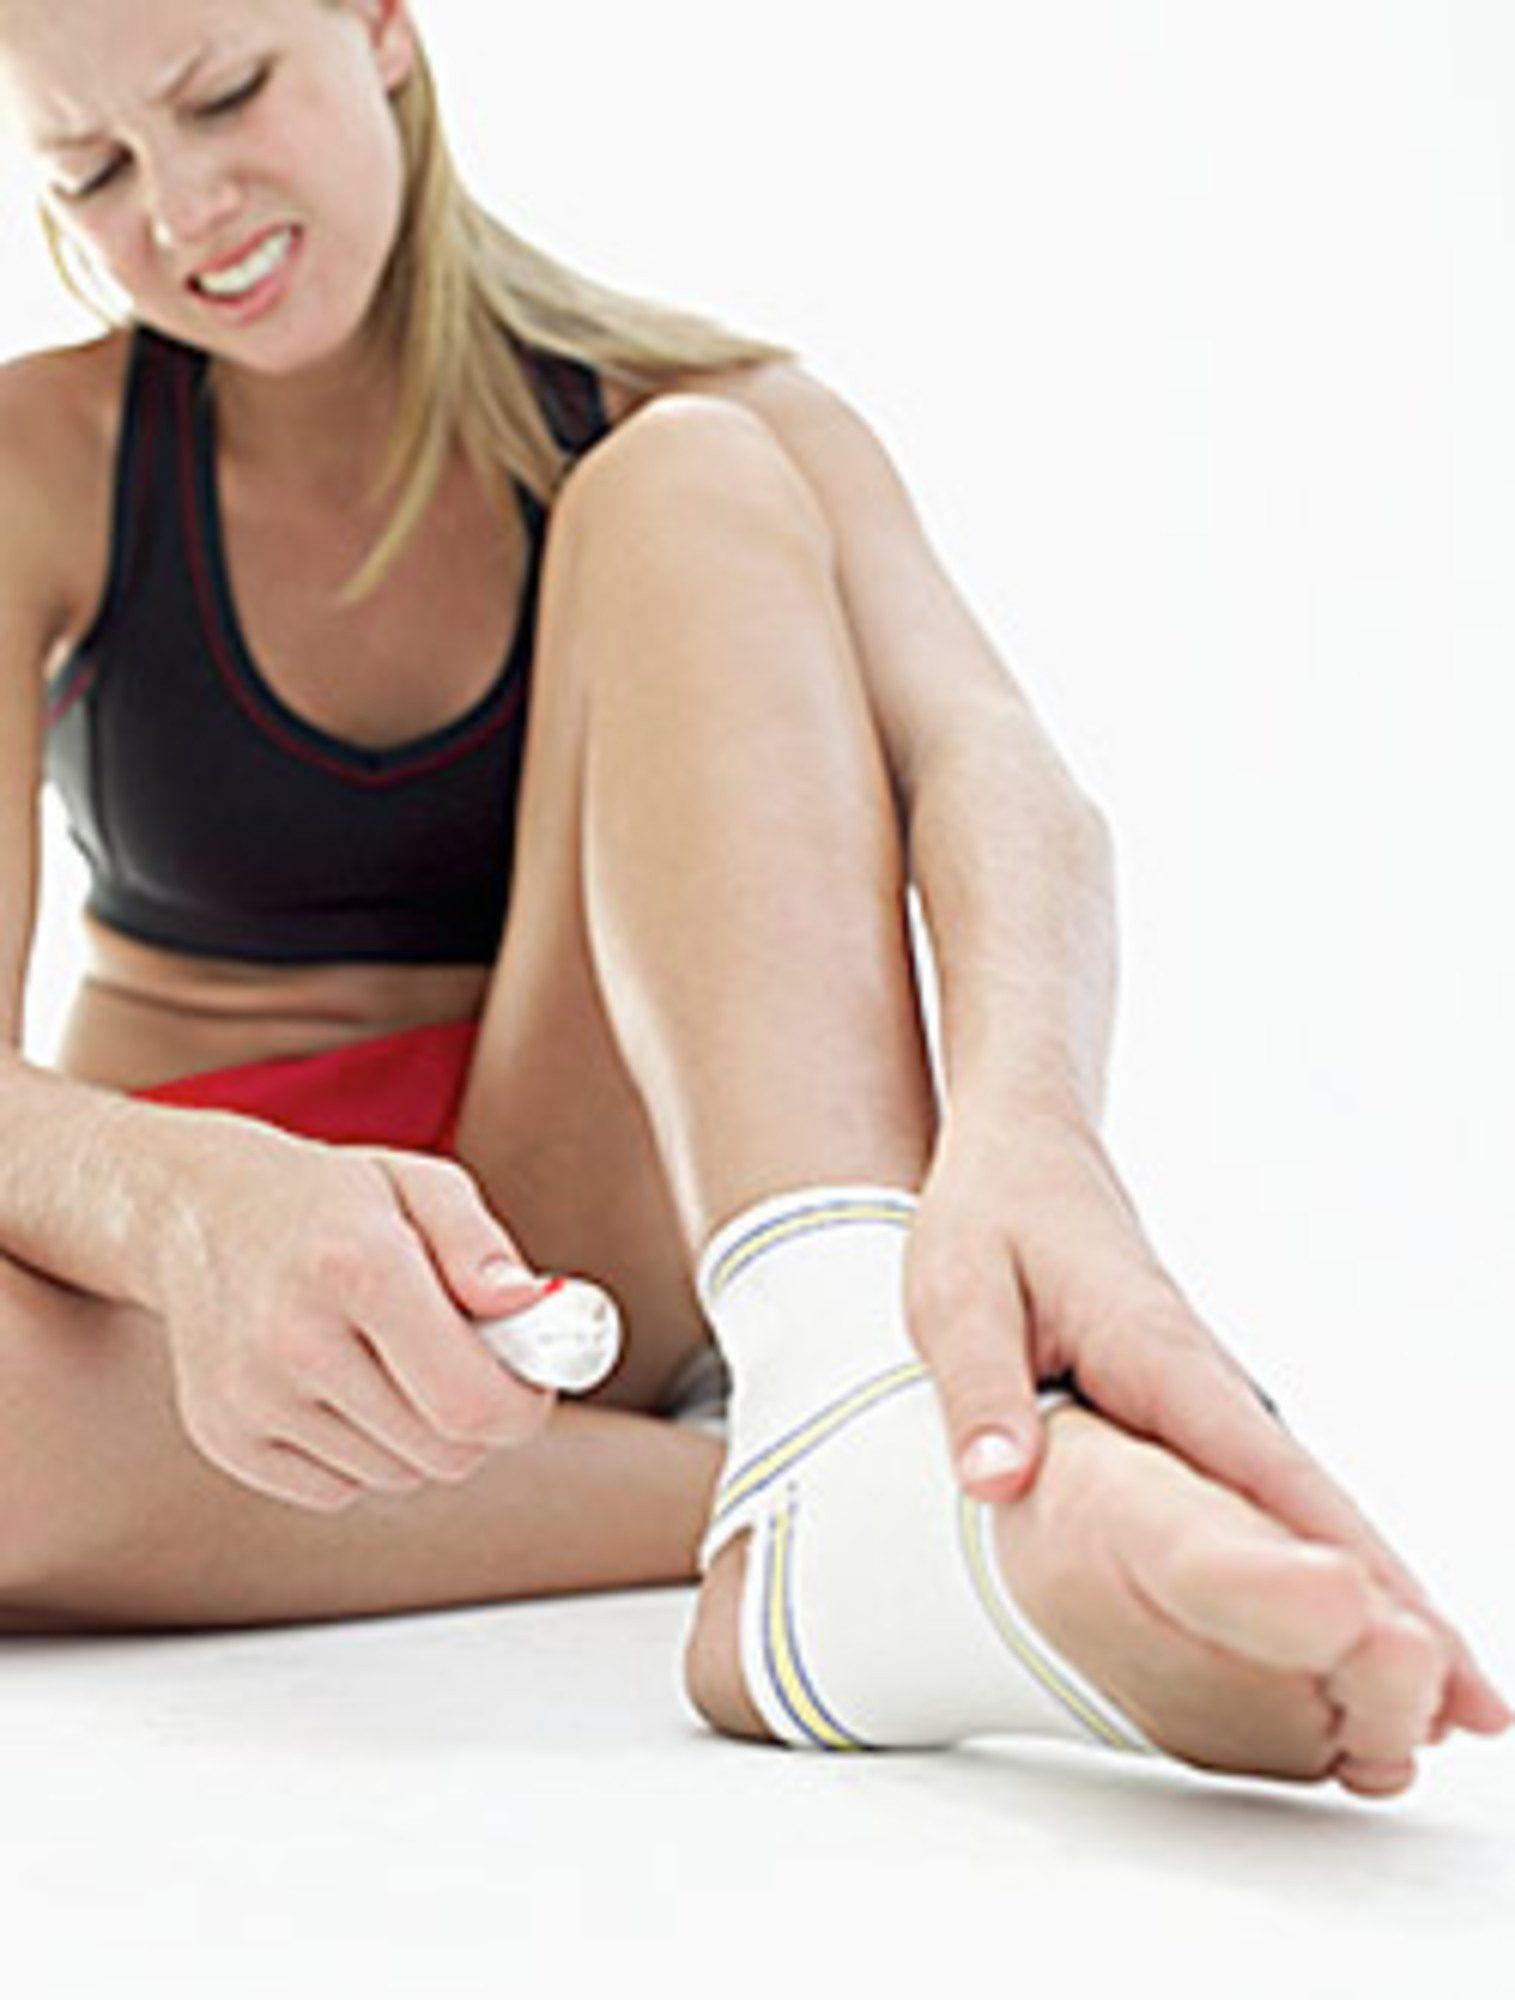 5 dolog, amivel elkerülheted a sérüléseket